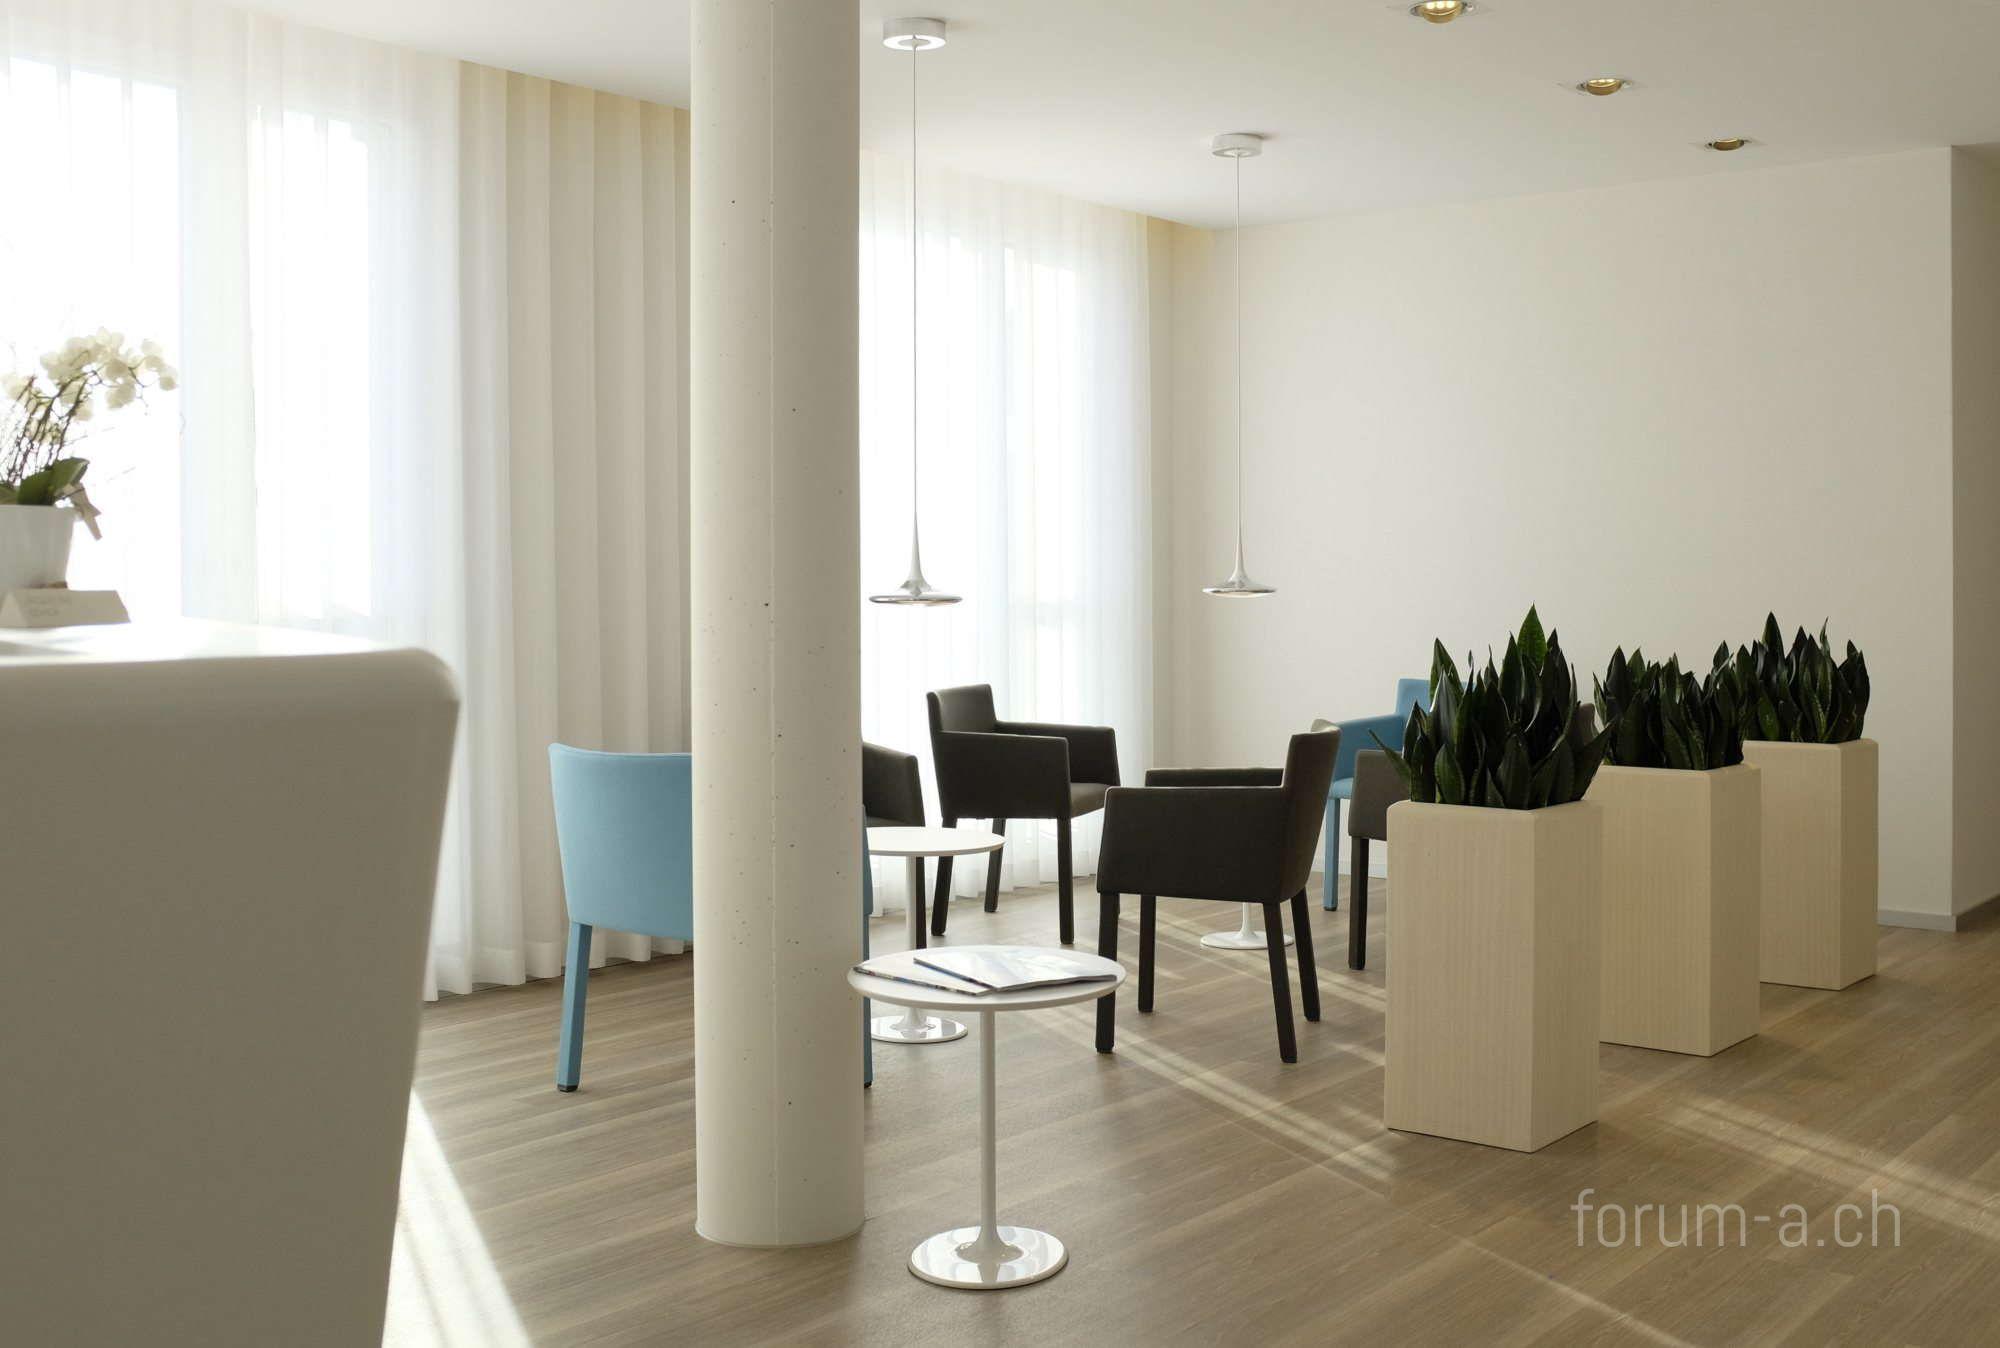 Büro- | Gewerbe- | Öffentliche Bauten - Forum A | Architektur ...